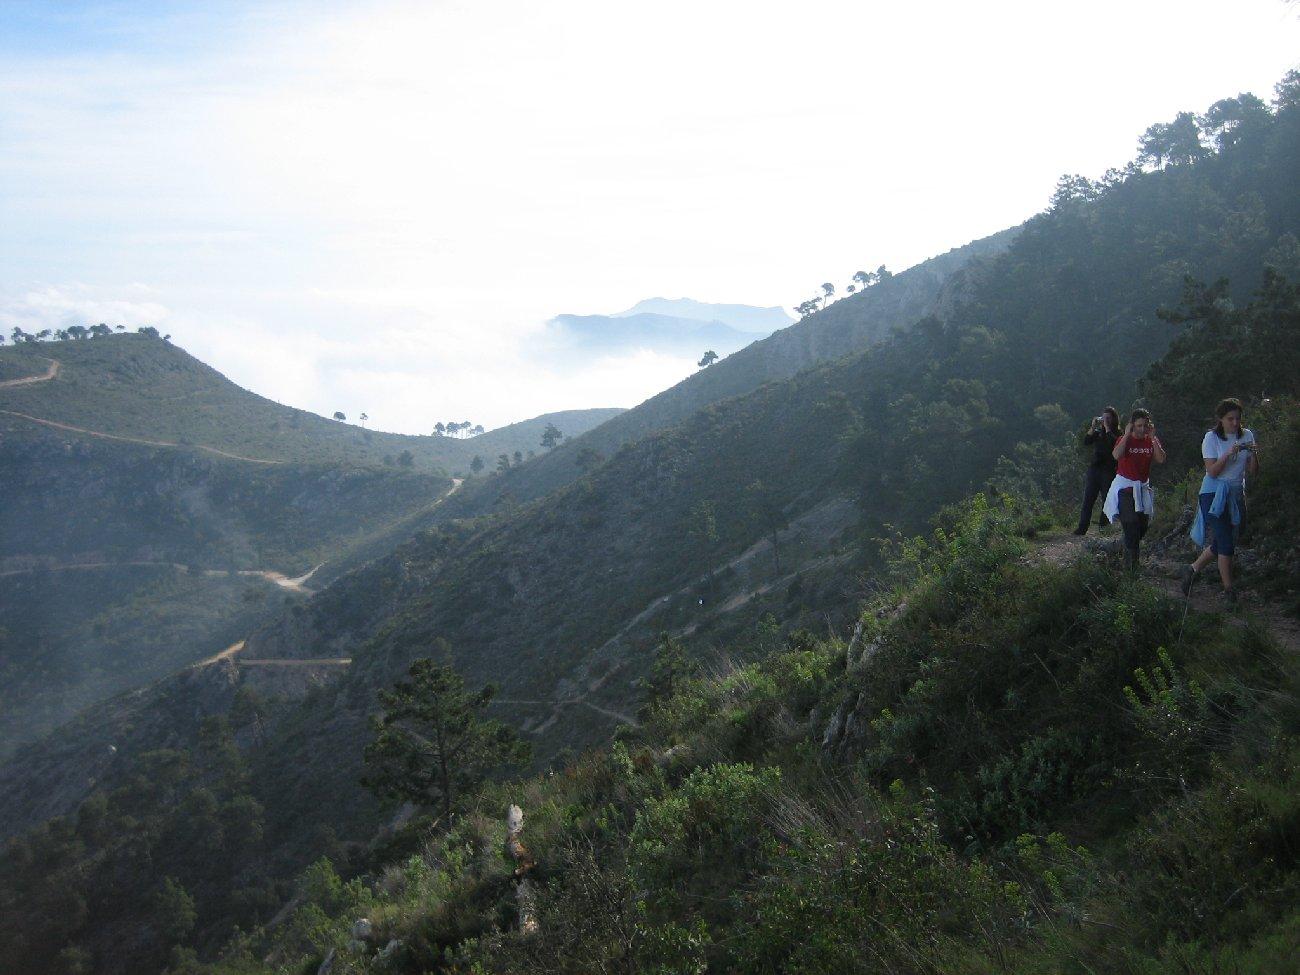 Camí del cim del Benicadell